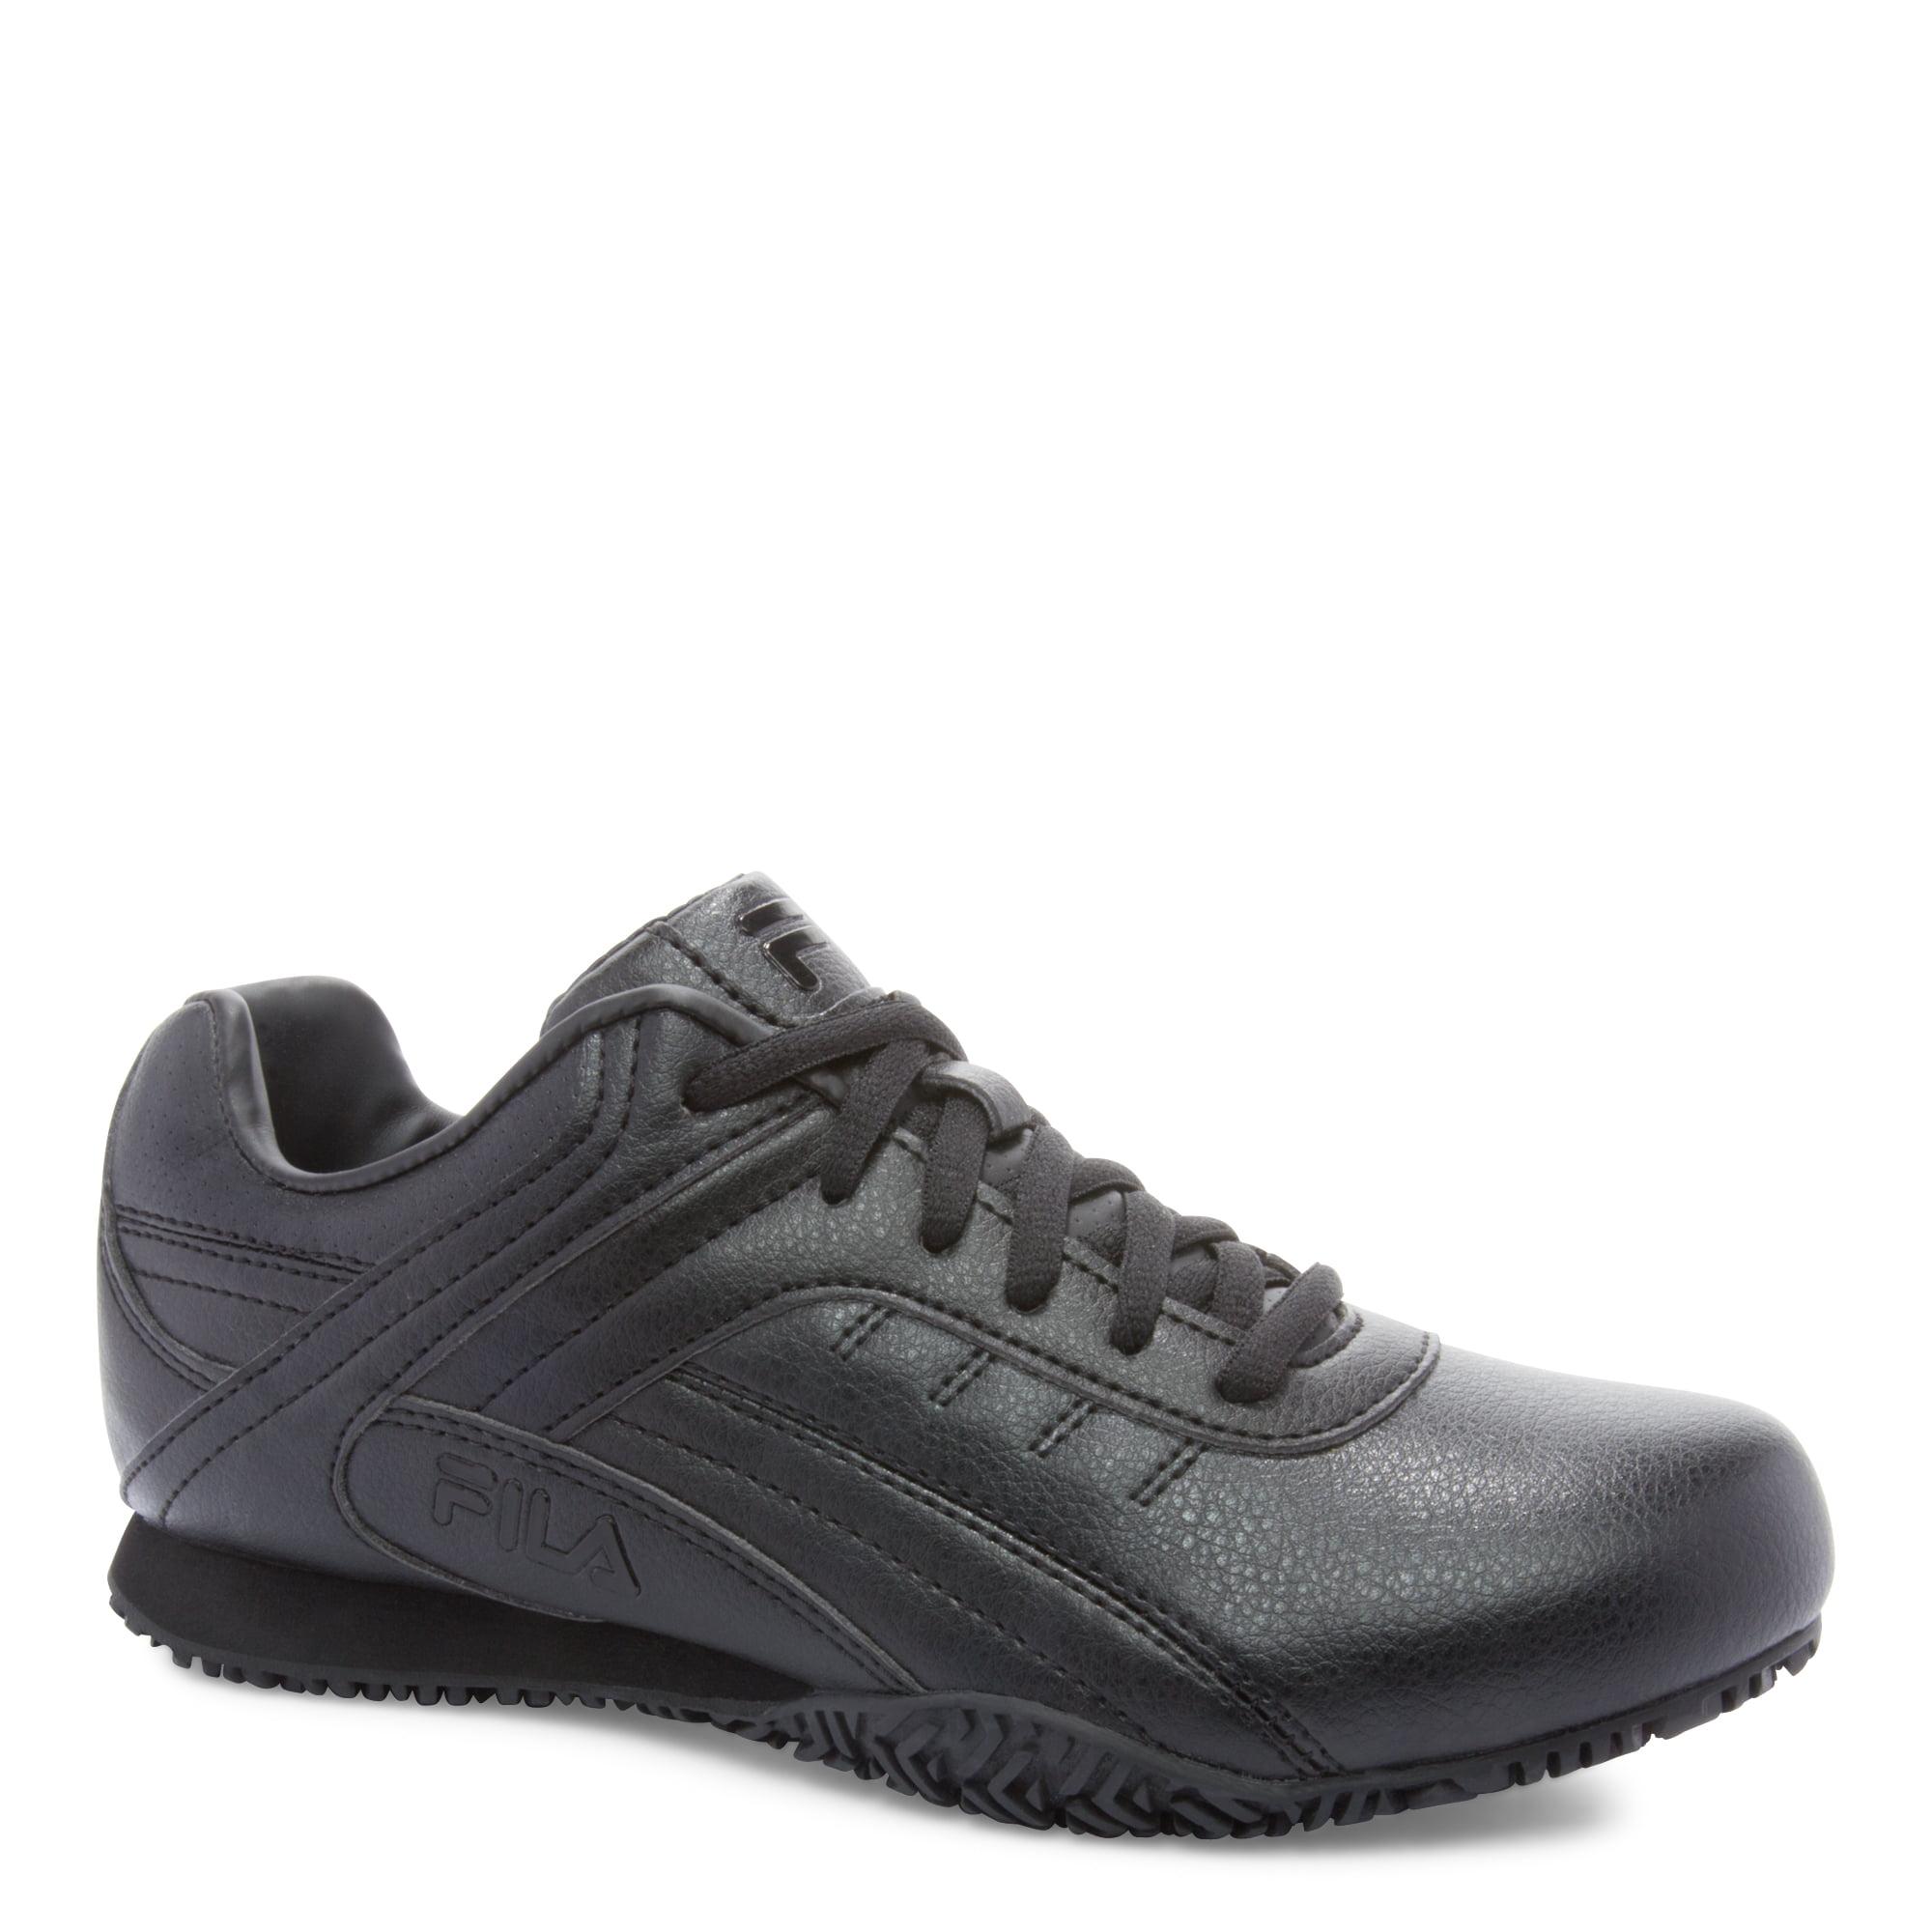 Women's Fila, Memory Elleray 5 Slip Resistant Work Sneaker Wide Width by Fila